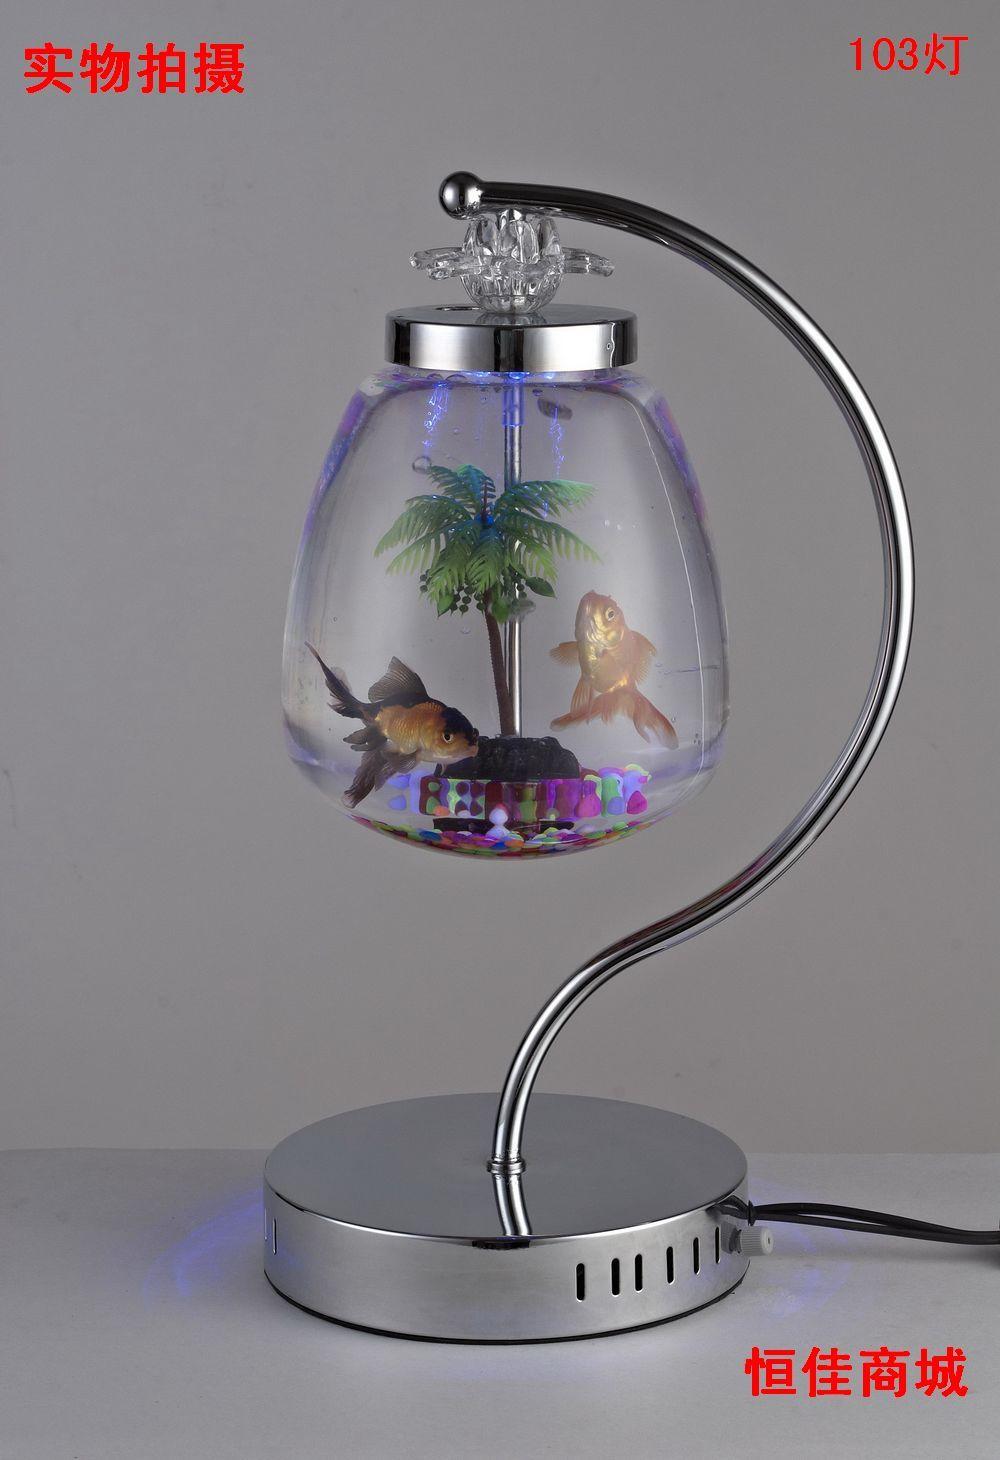 Awesome Table Lamp Fish Tank Small Desktop Fish Tank Goldfish Bowl Decoration |  FishTales | Pinterest | Fish Tanks